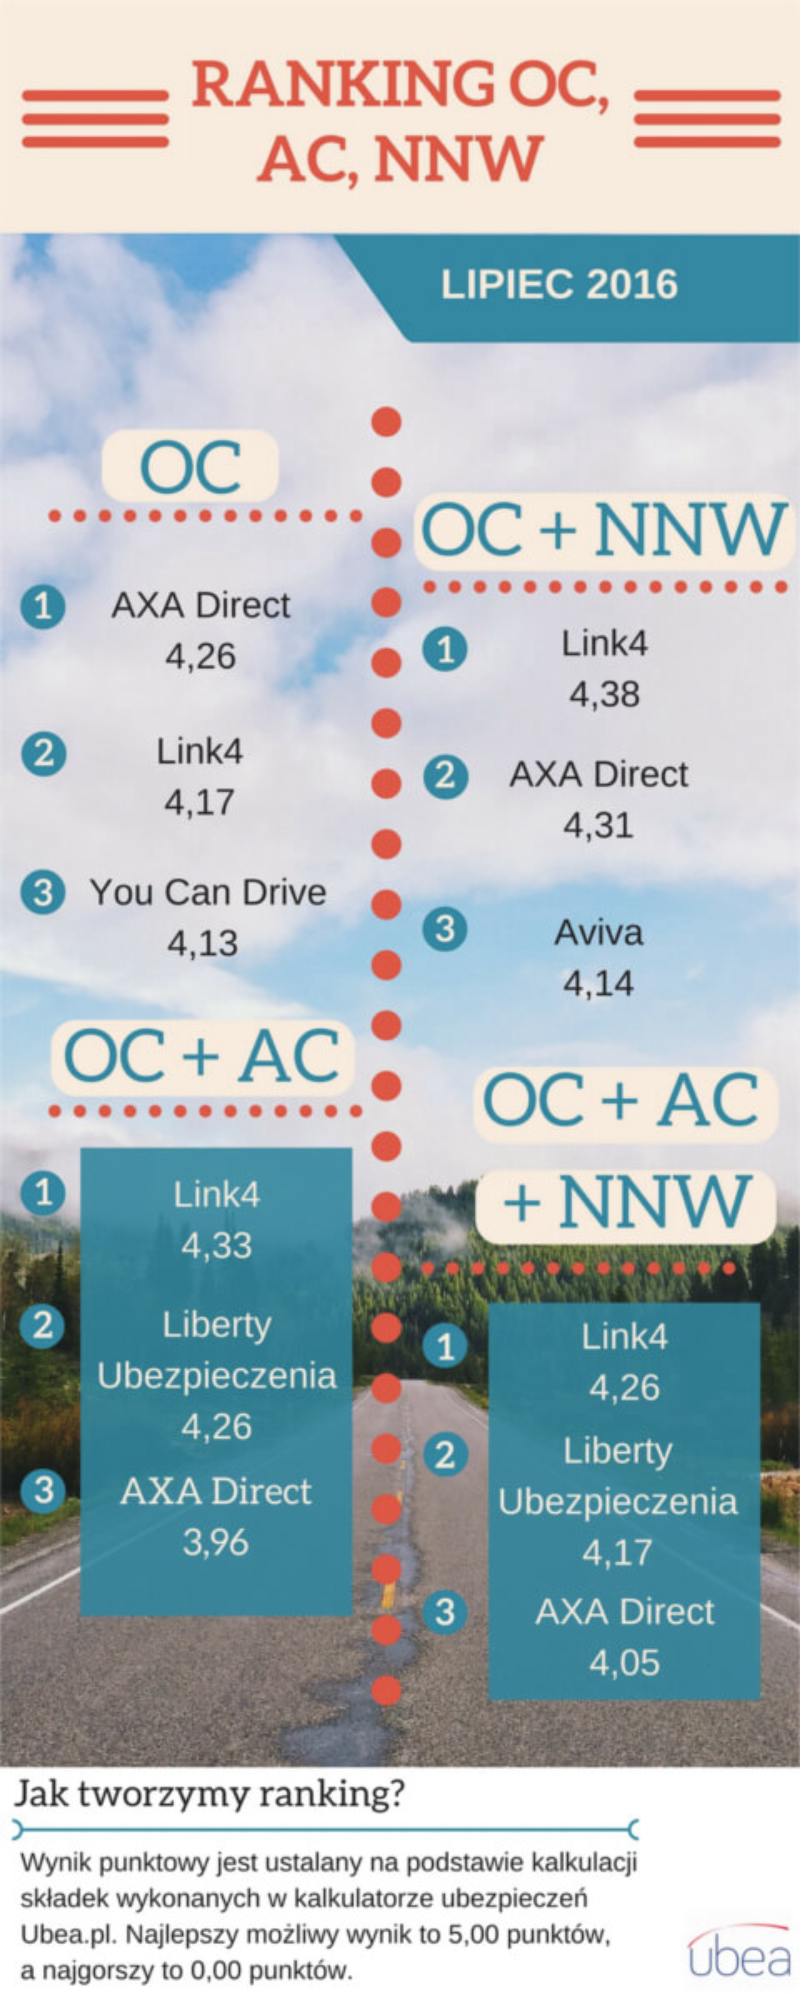 Ranking OC, AC i NNW